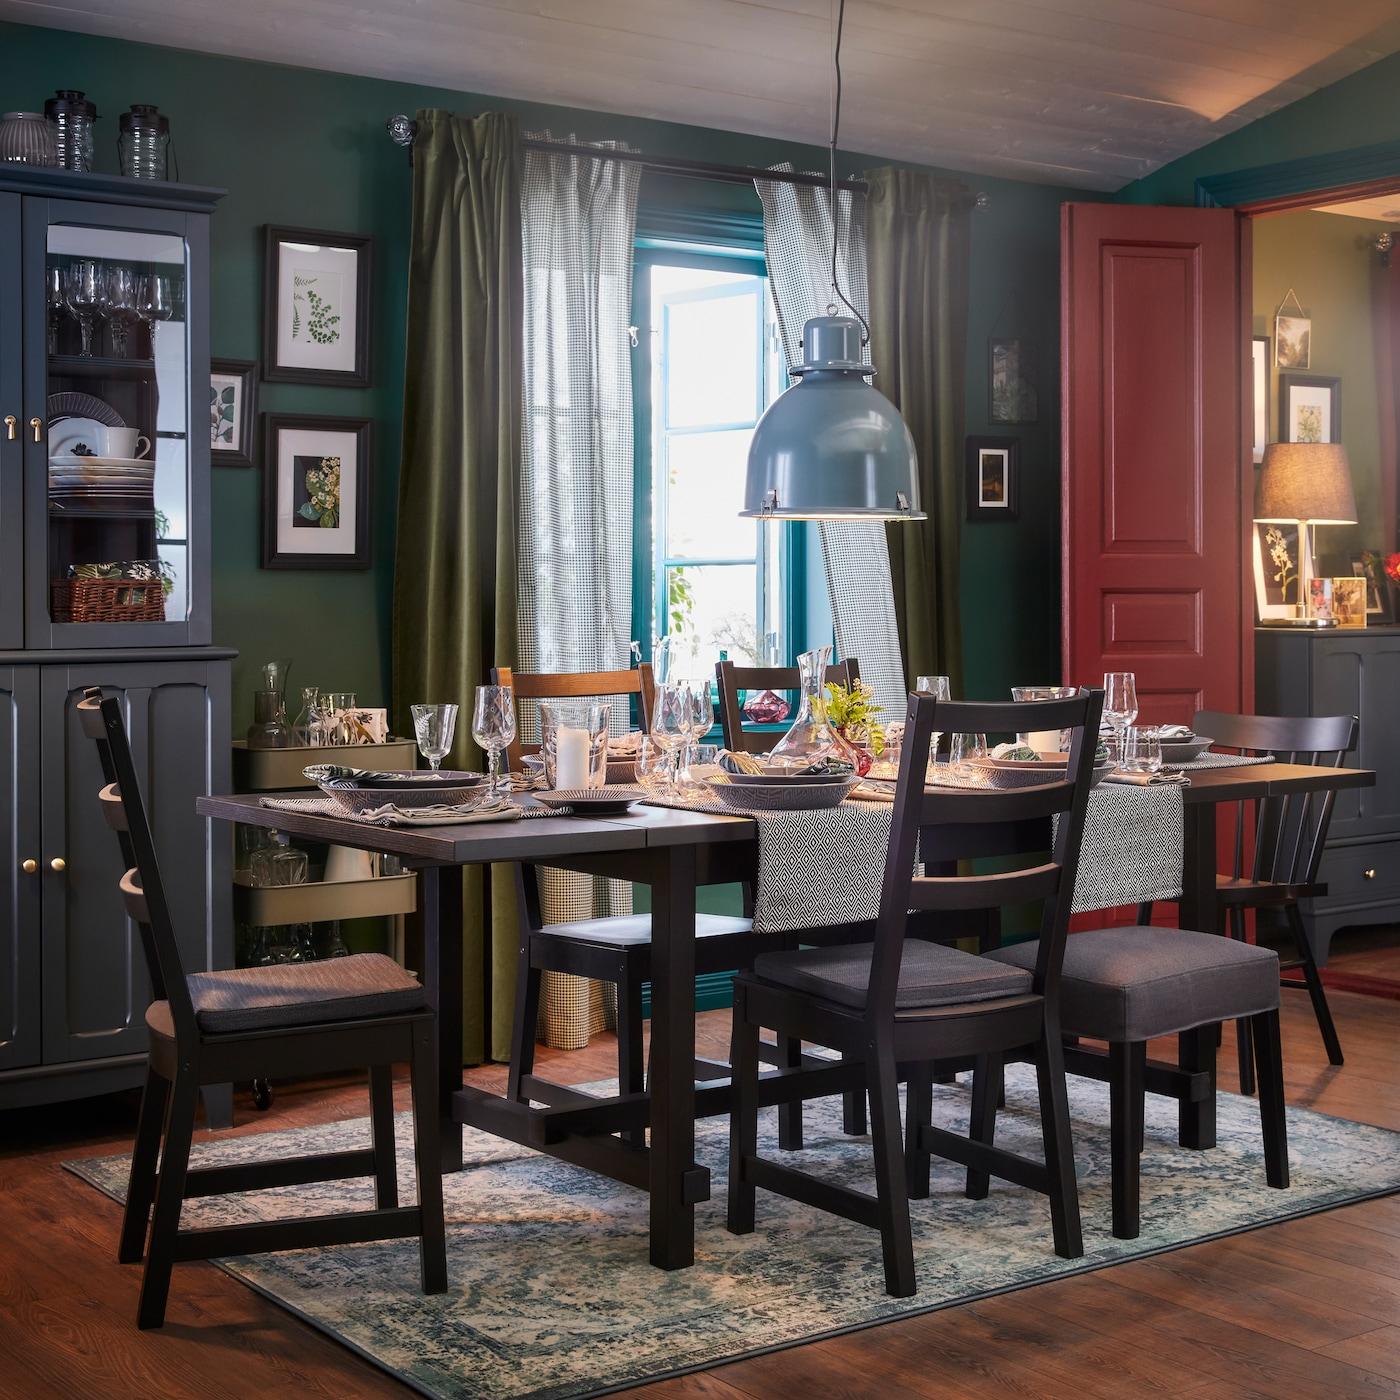 Jadalnia z rozkładanym stołem i pięcioma krzesłami w czarnym kolorze, orientalnym dywanem i szaroturkusową lampą wiszącą.